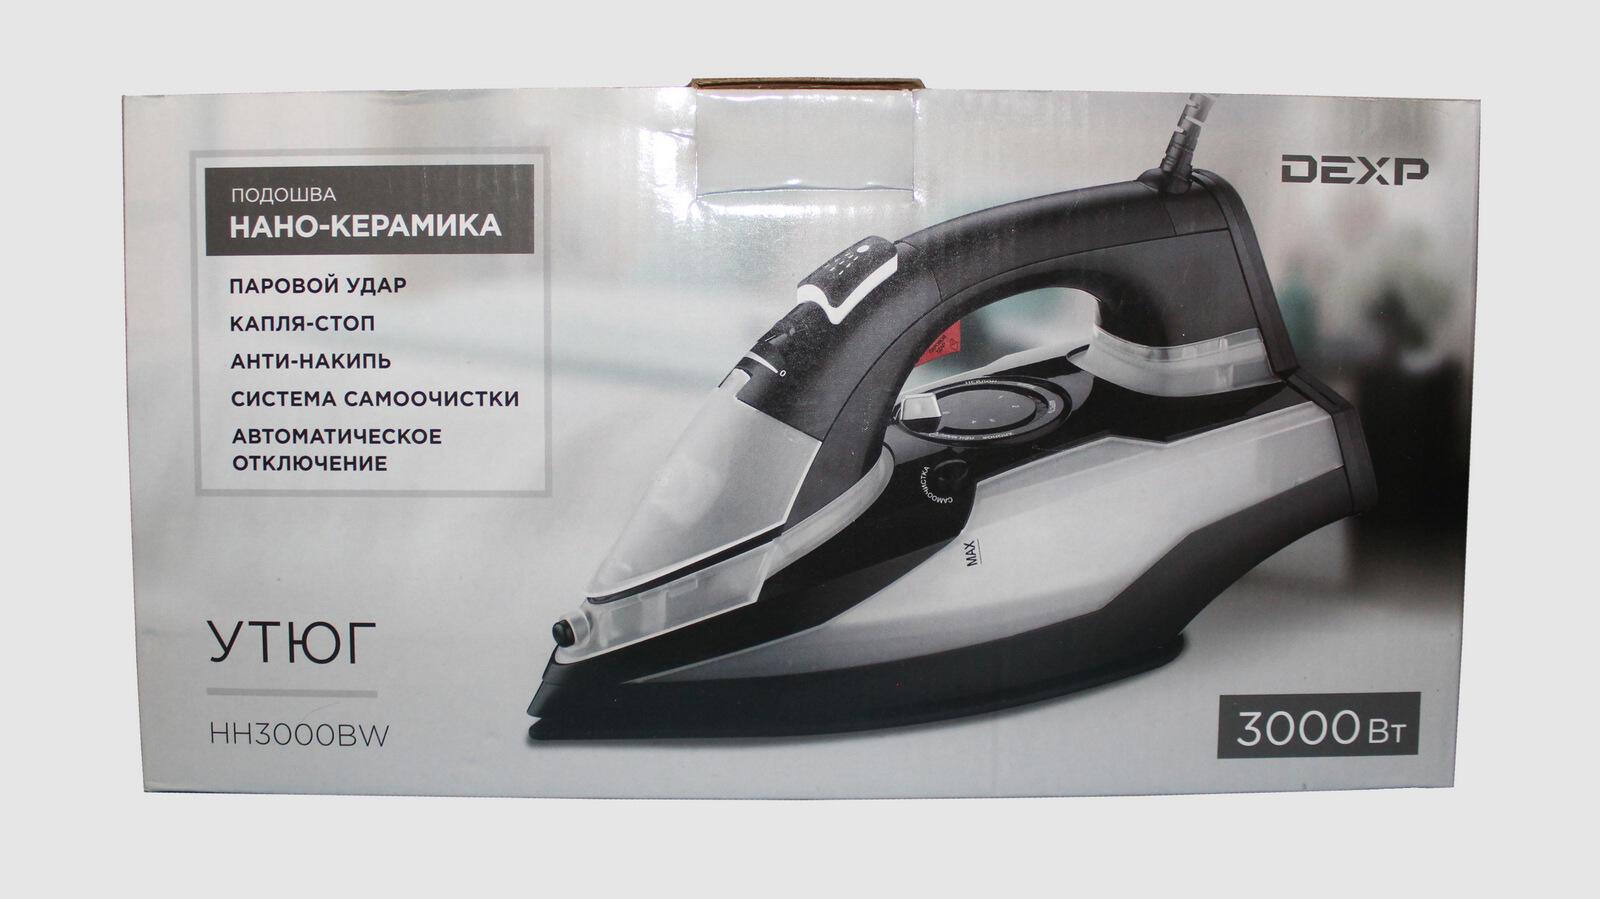 Bytovaya Tehnika - Utyug DEXP HH3000BW